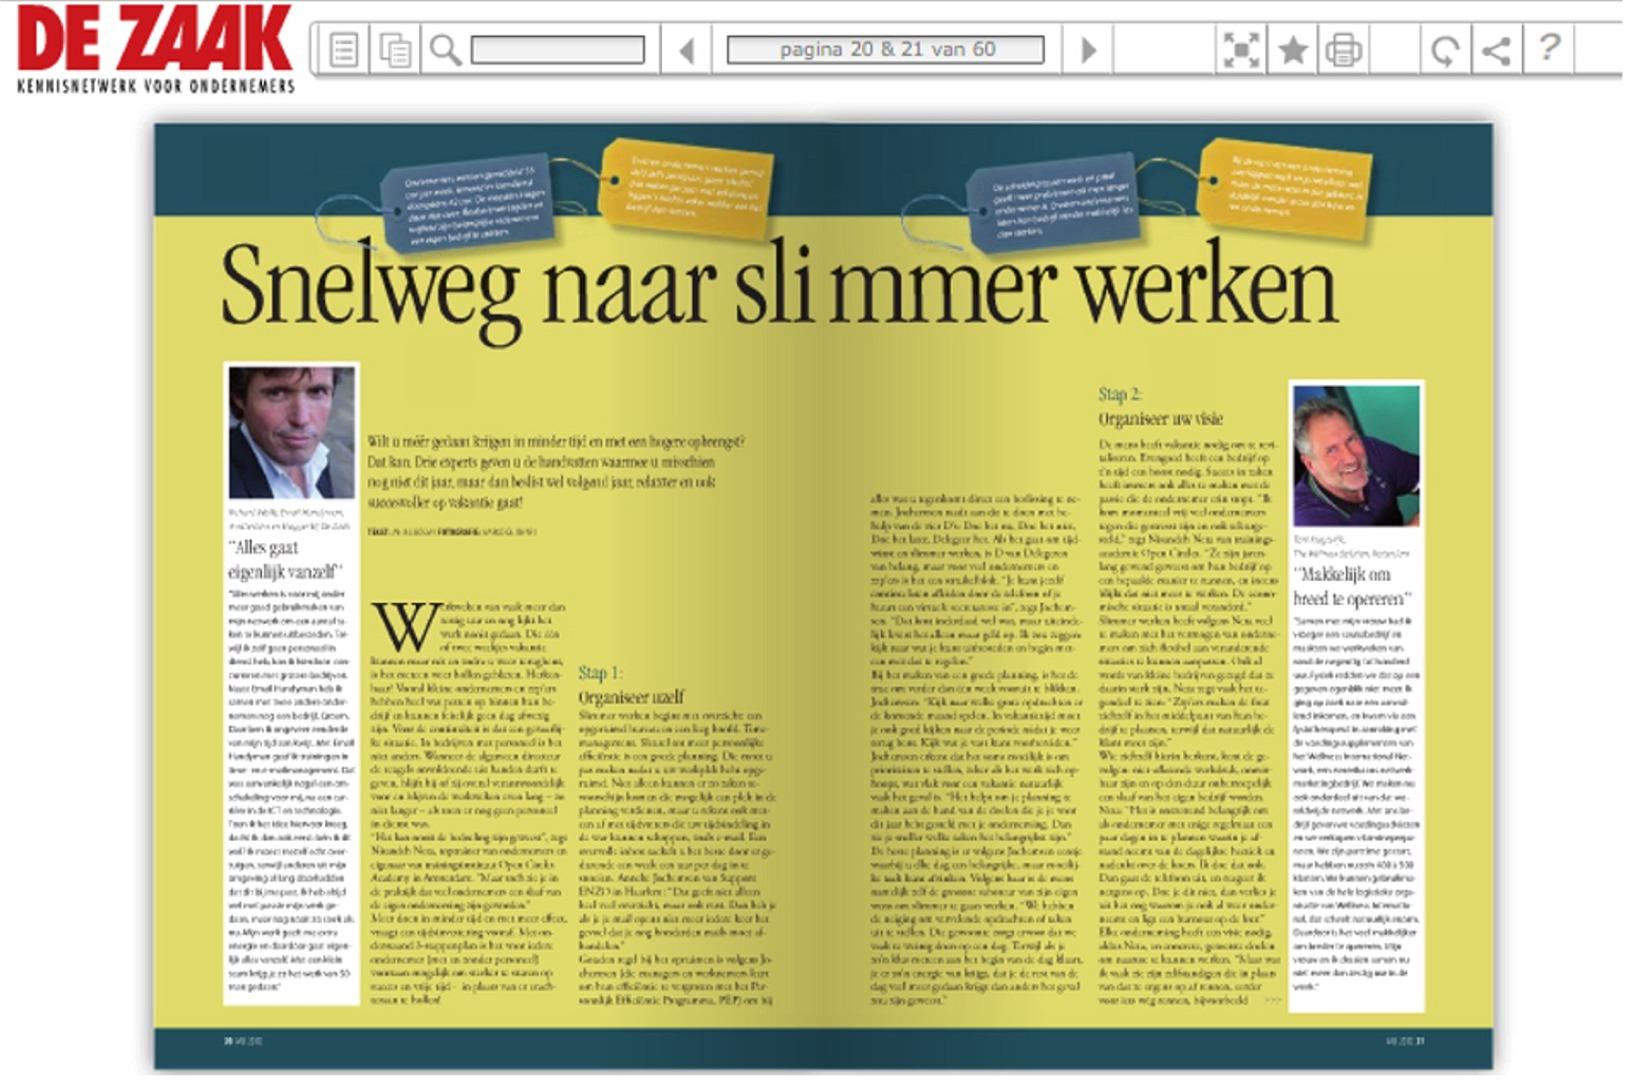 PA Online in De Zaak, 2010, Slimmer werken, page 1